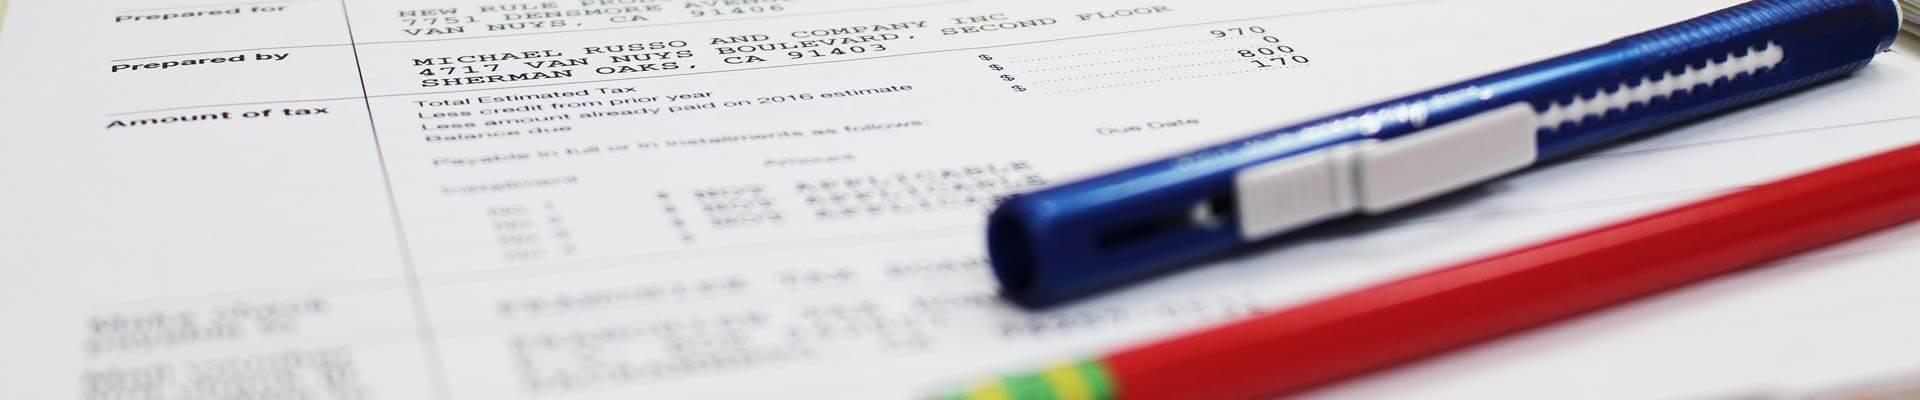 استاندارد حسابداری شماره ۷ – حسابداری مخارج تحقیق و توسعه